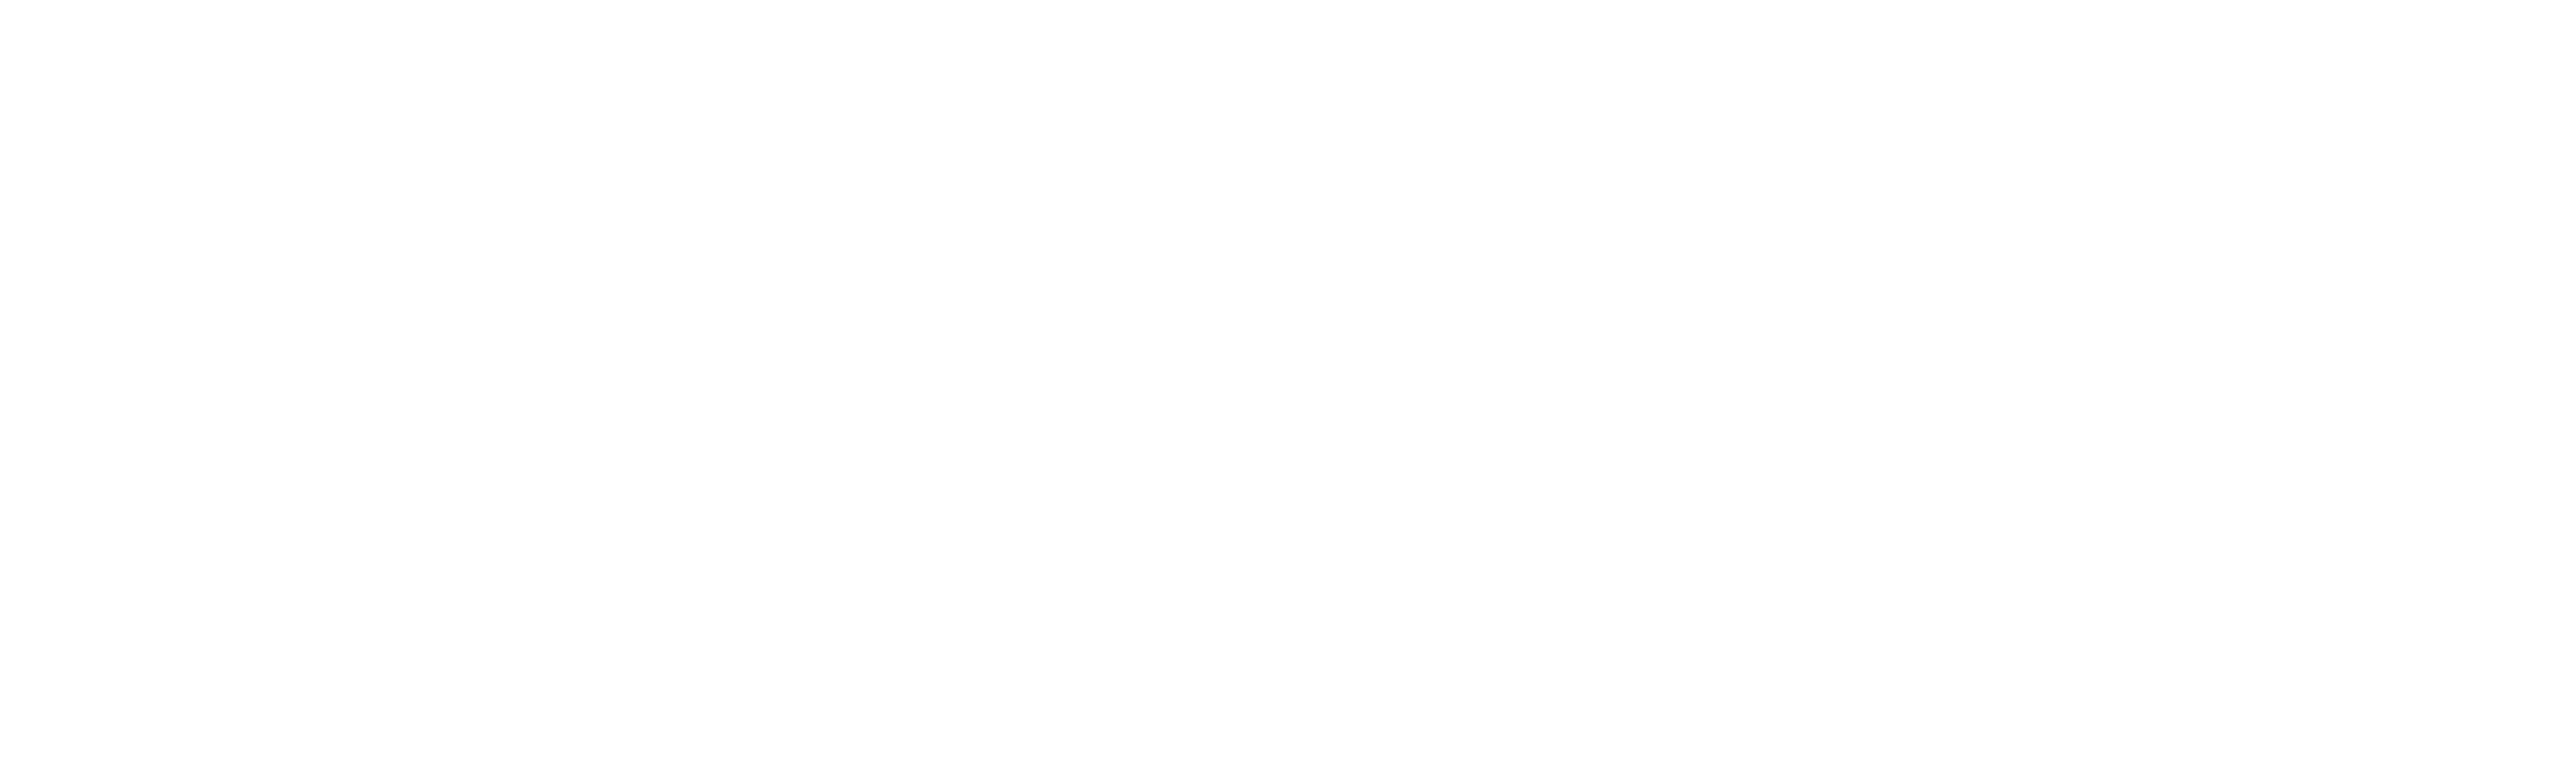 Big Black River